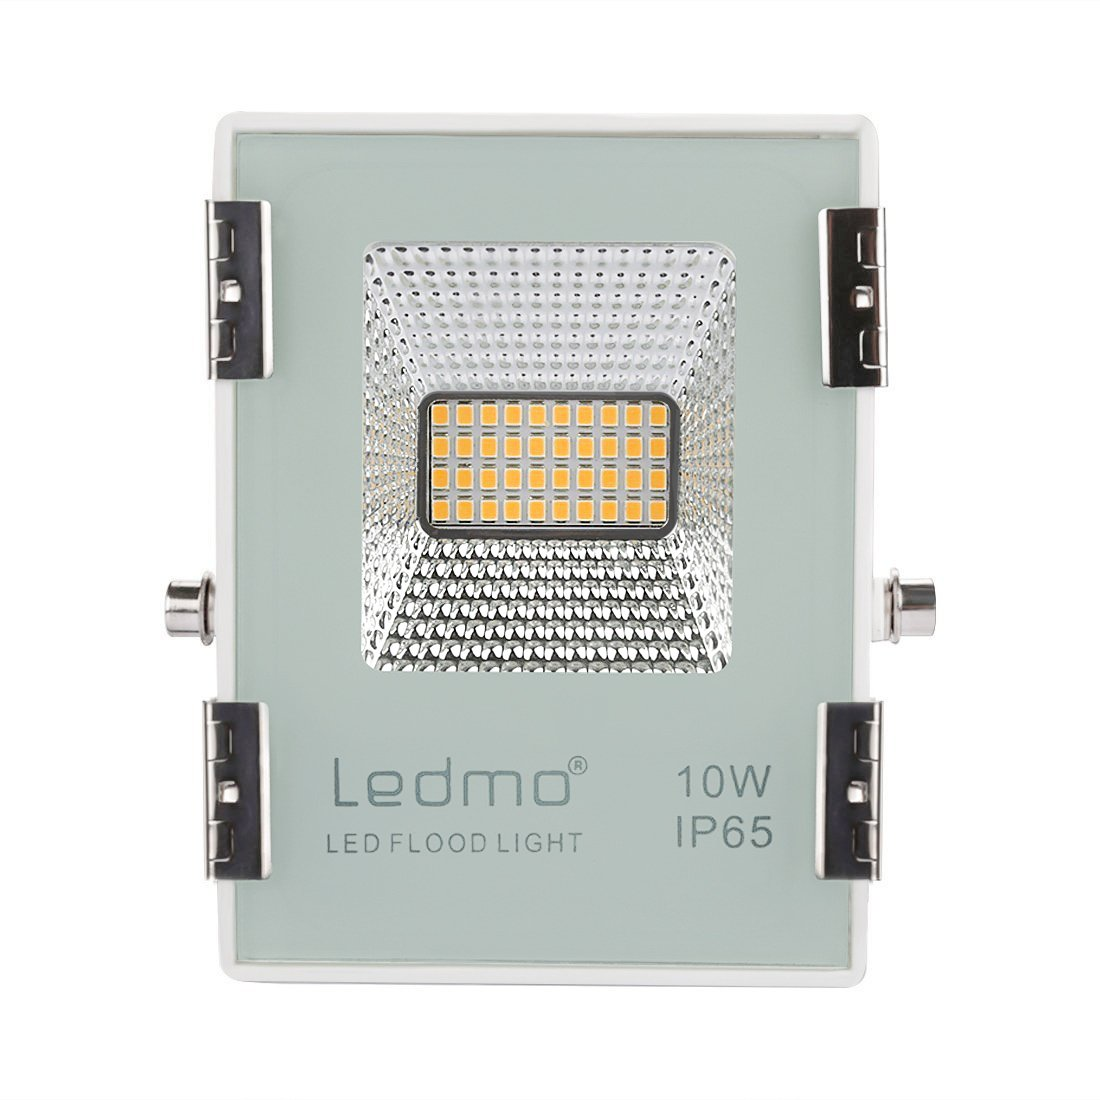 LEDMO faro led esterno 10W 2700k bianco caldo,alta luminosità 900lm impermeabile IP65 faretto led esterno per giardino, recinzione, patio, SMD2835 AC200-240V [Classe di efficienza energetica A+] Yuyinglamp